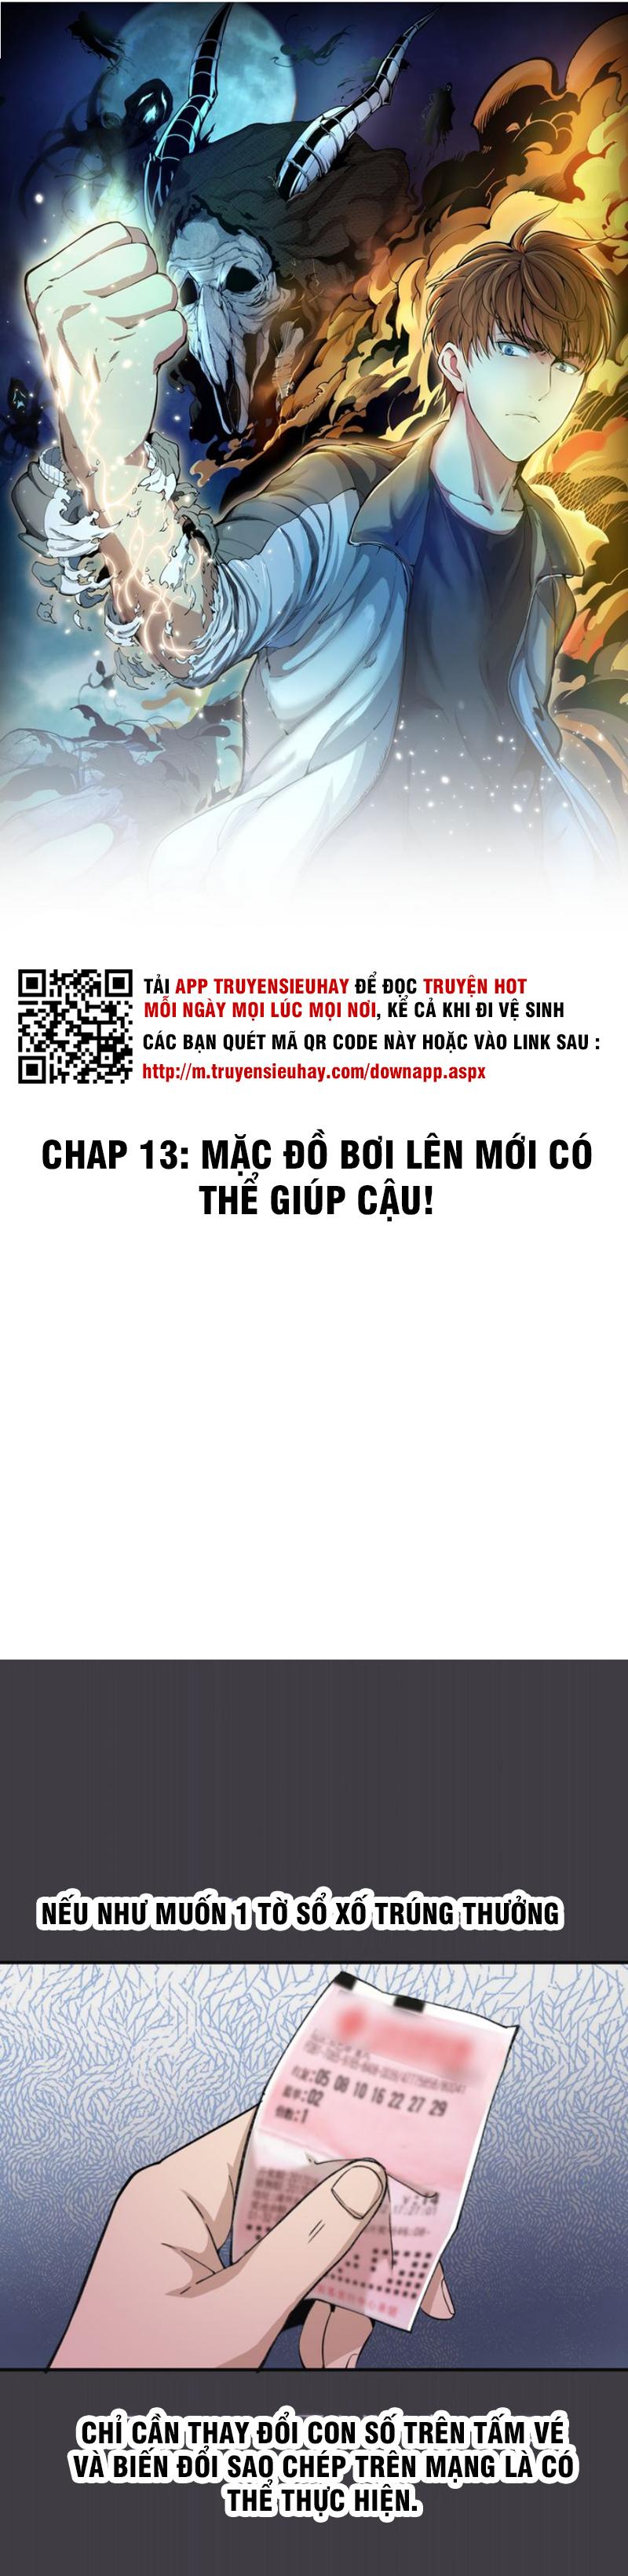 Cao Đẳng Linh Hồn - Chap 13